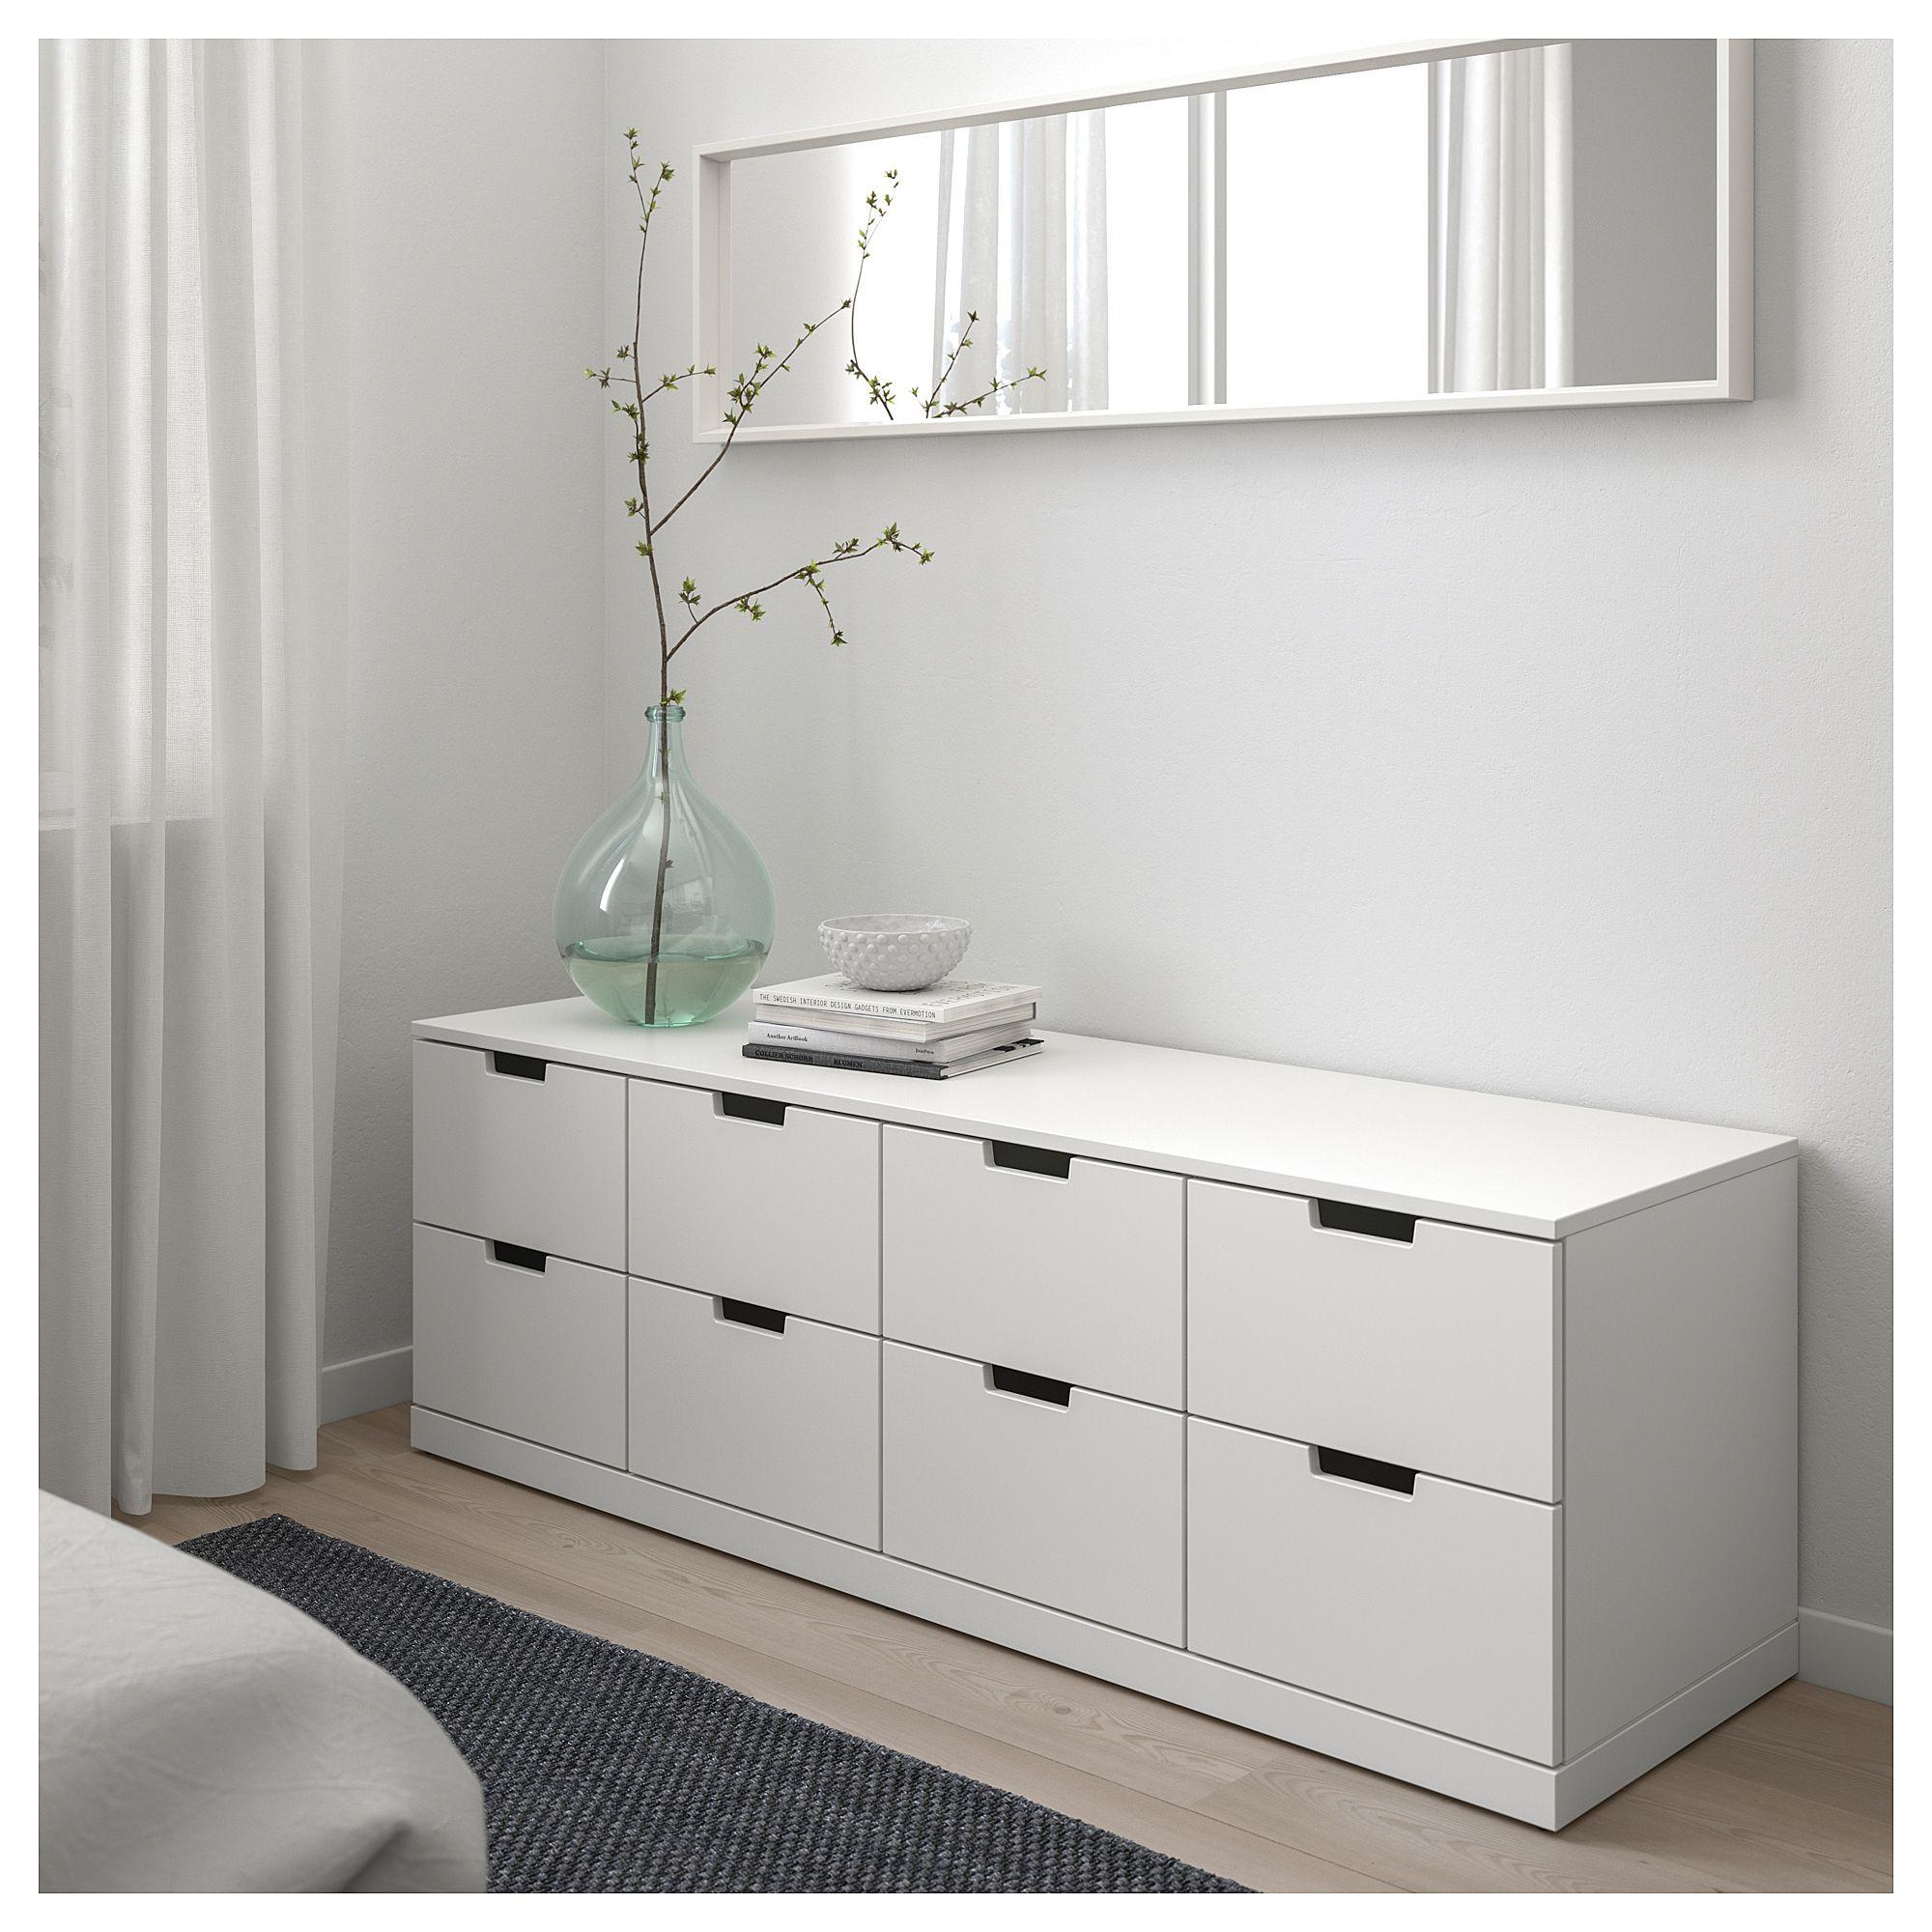 IKEA NORDLI 8drawer dresser white 4 drawer dresser